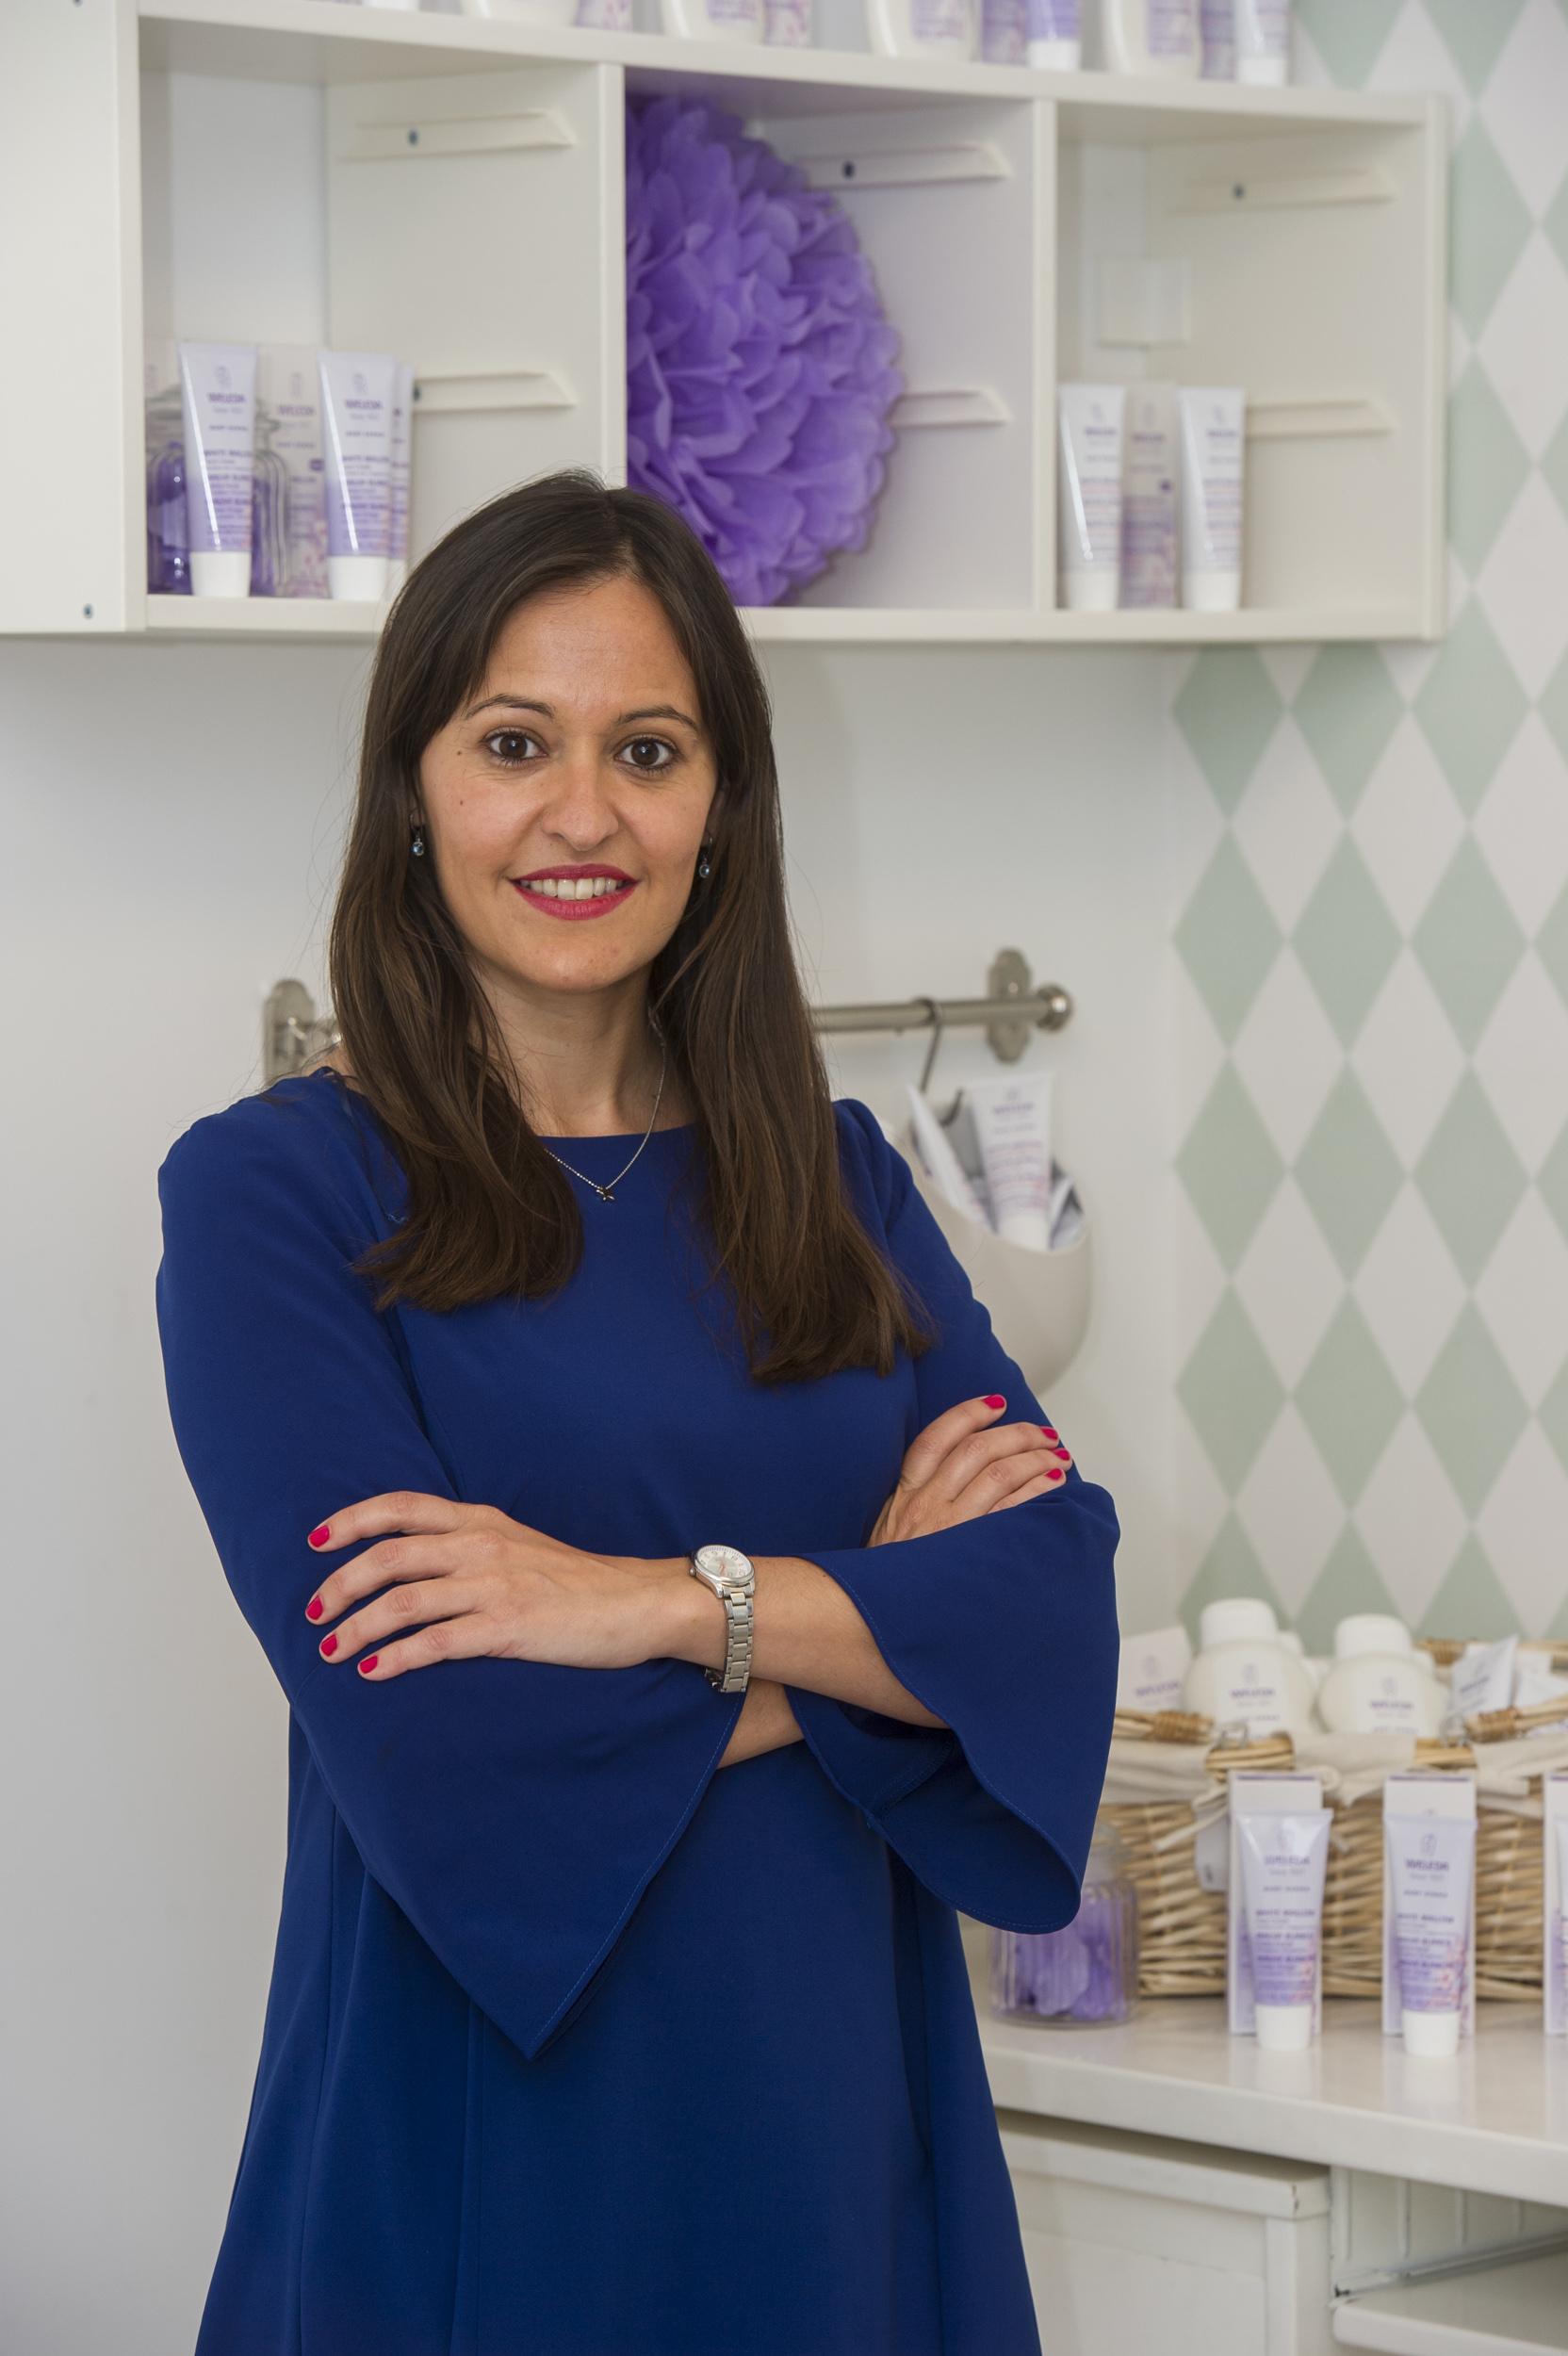 María Garnica es Marketing Manager de Weleda, expertos en la protección de pieles atópicas de bebés